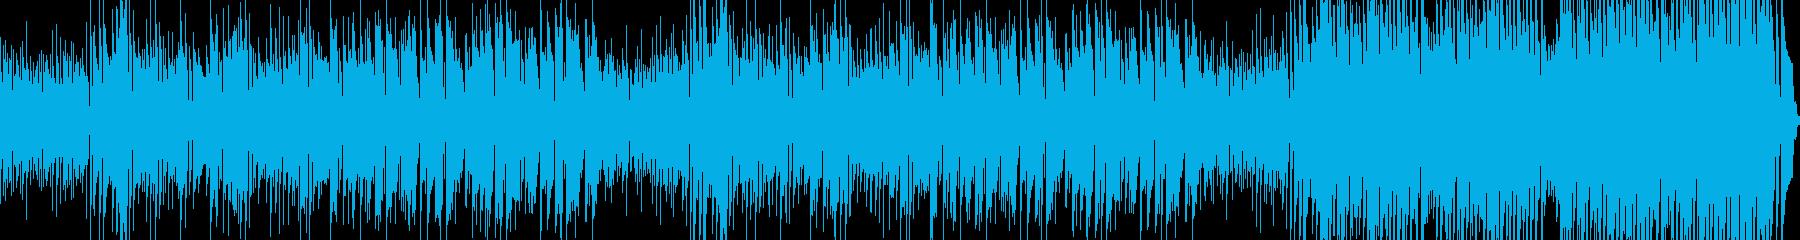 ゆるいラテン調のさわやかなピアノトリオの再生済みの波形